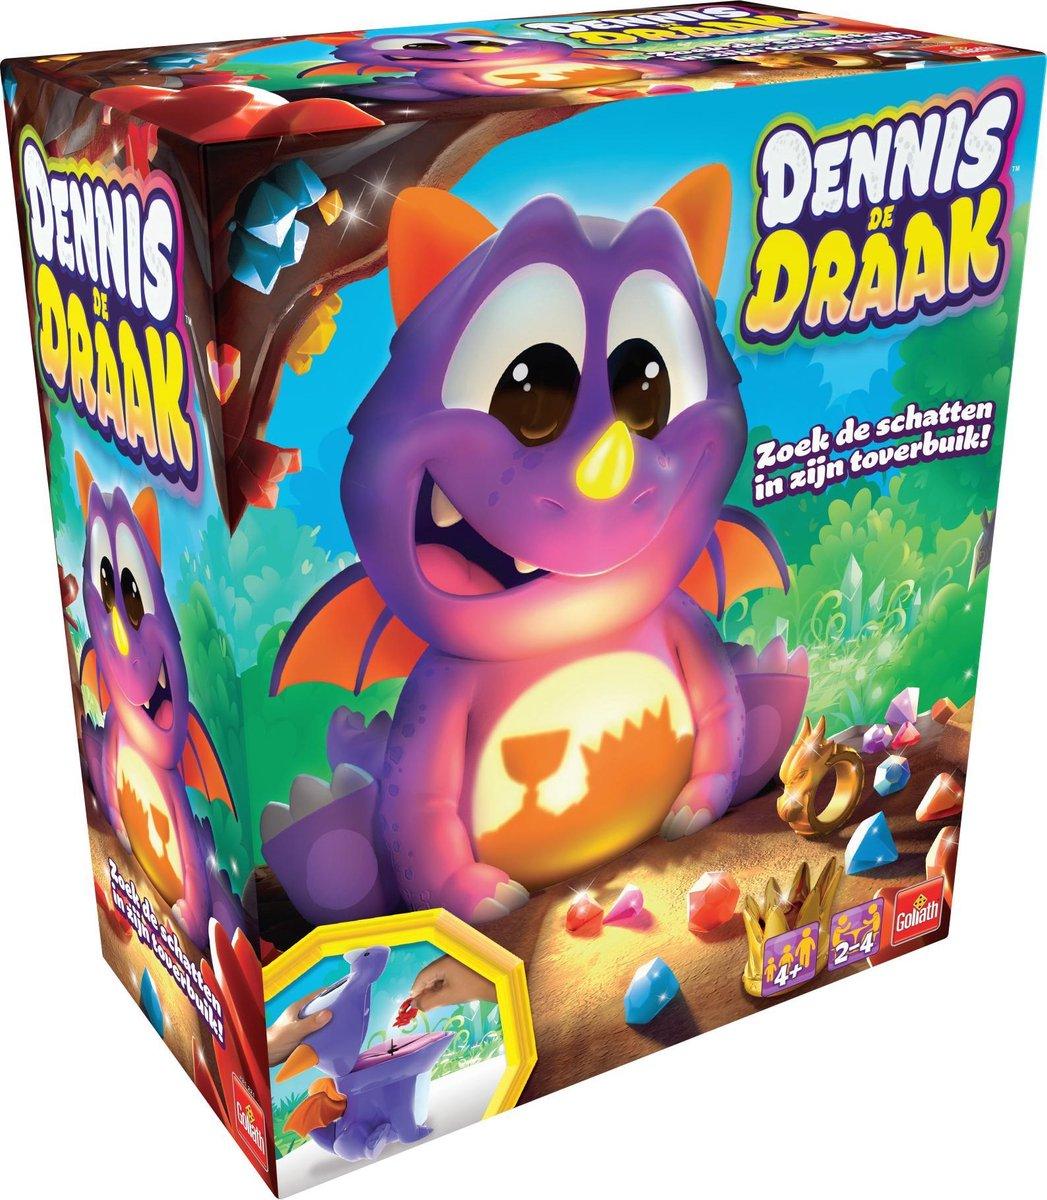 Dennis de Draak